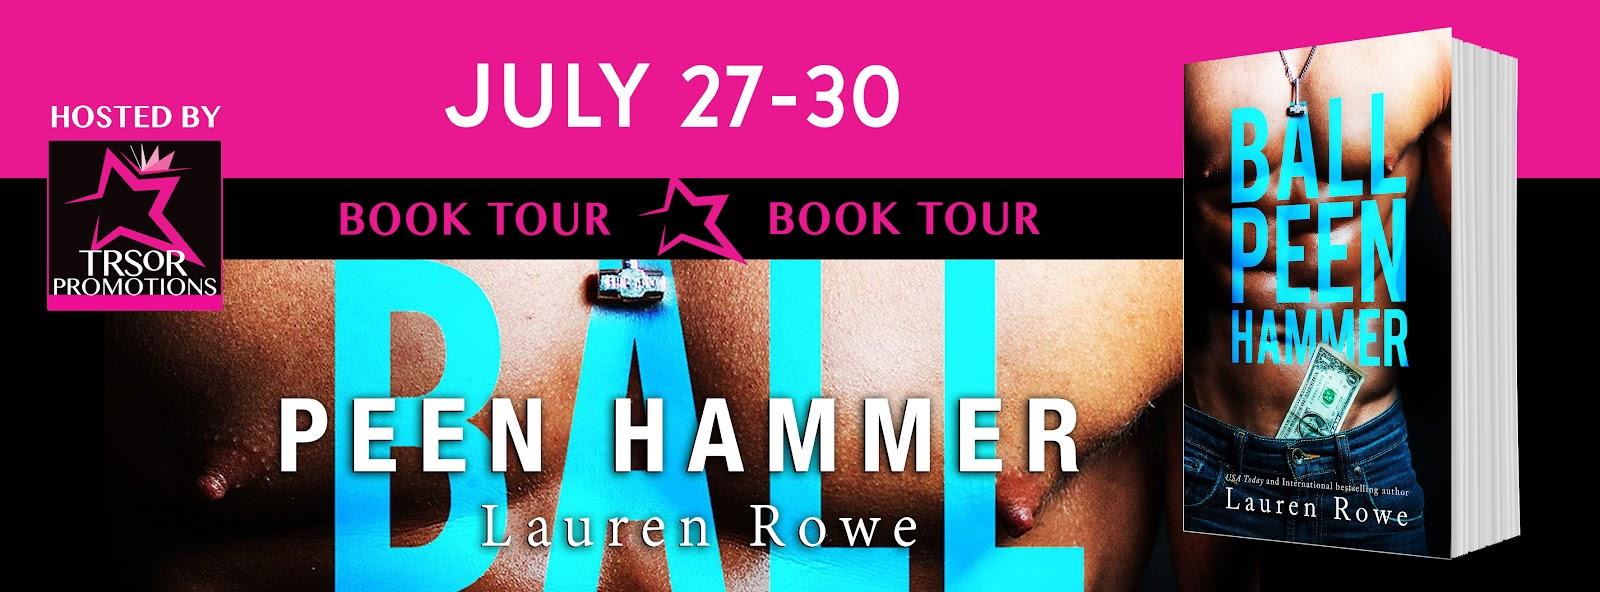 BALLPEEN_HAMMER_BOOK_TOUR.jpg